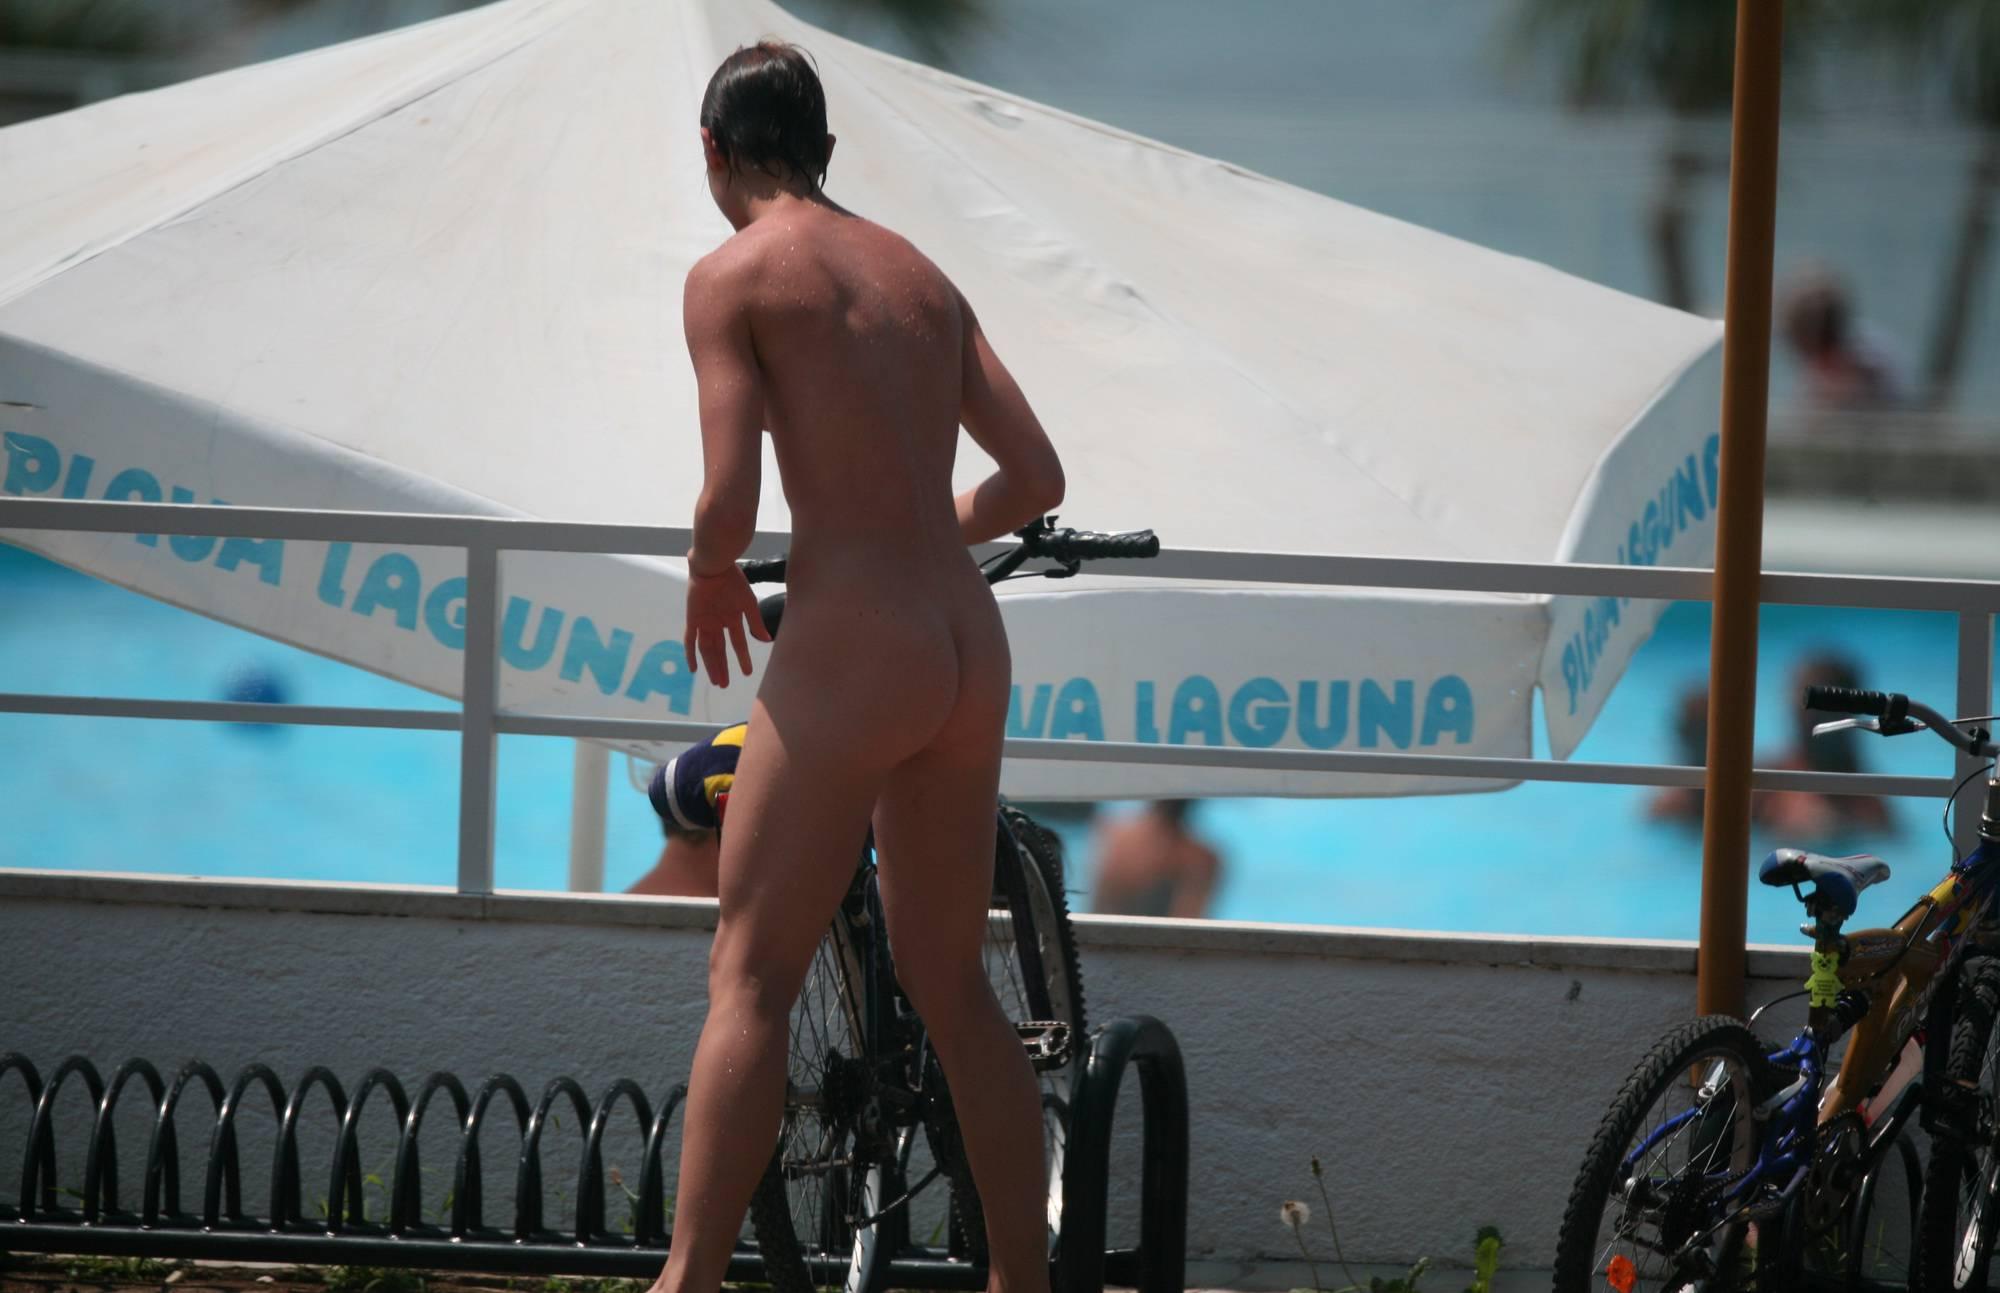 Nudist Photos Teenage Nudist Biking Off - 1